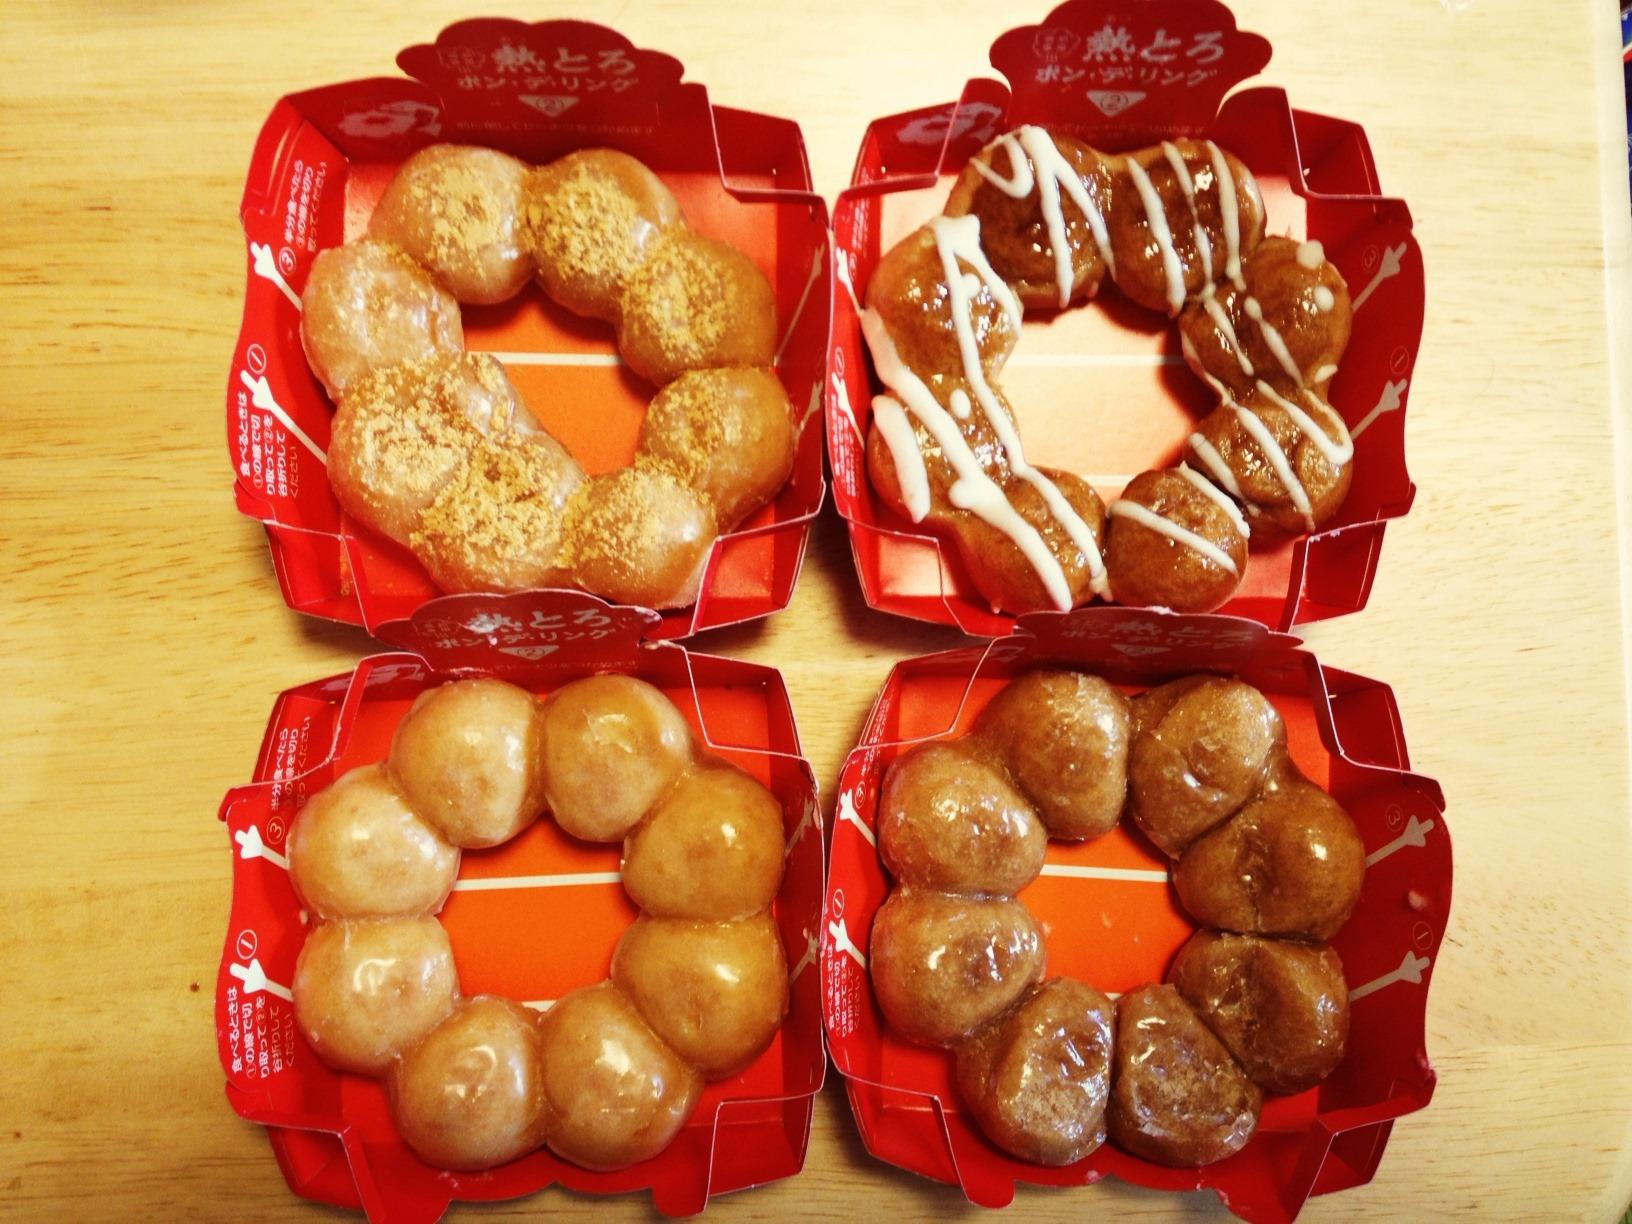 温めて食べる新しさ。ミスドの「熱とろポン・デ・リング」全4種を食べてみた!(2014年1月)